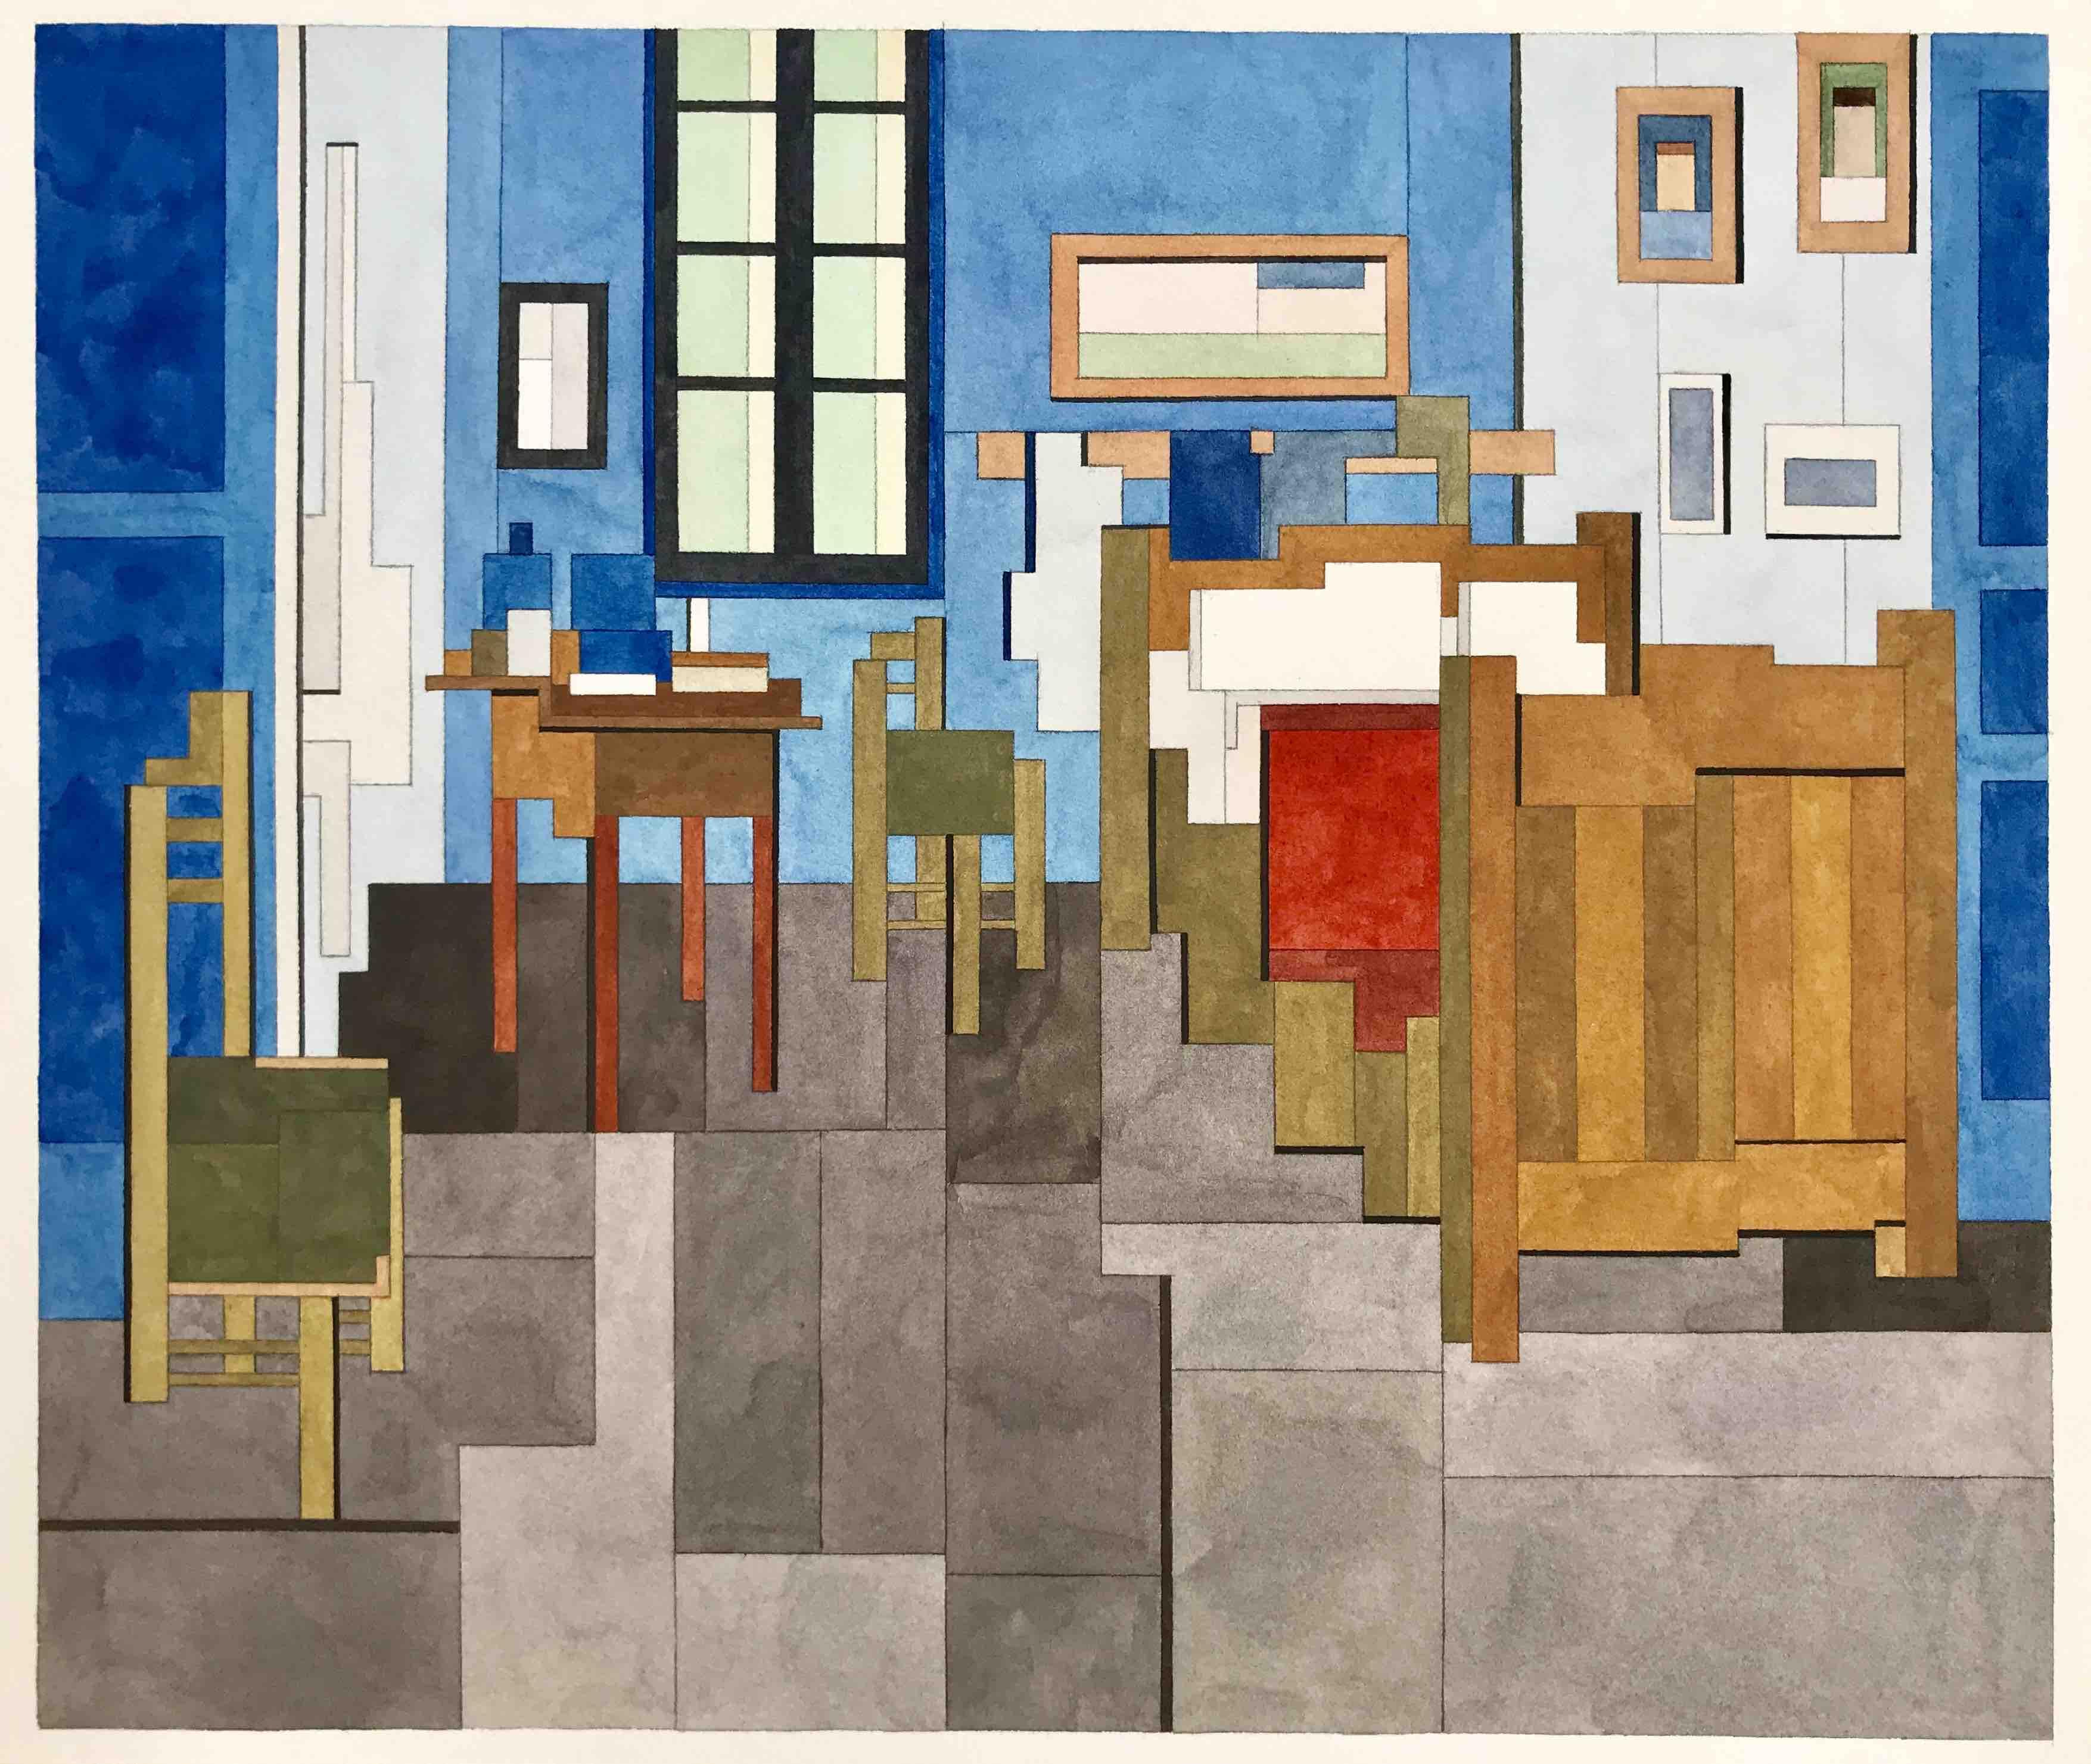 Living Room in Arles (after Van Gogh) by Adam Lister